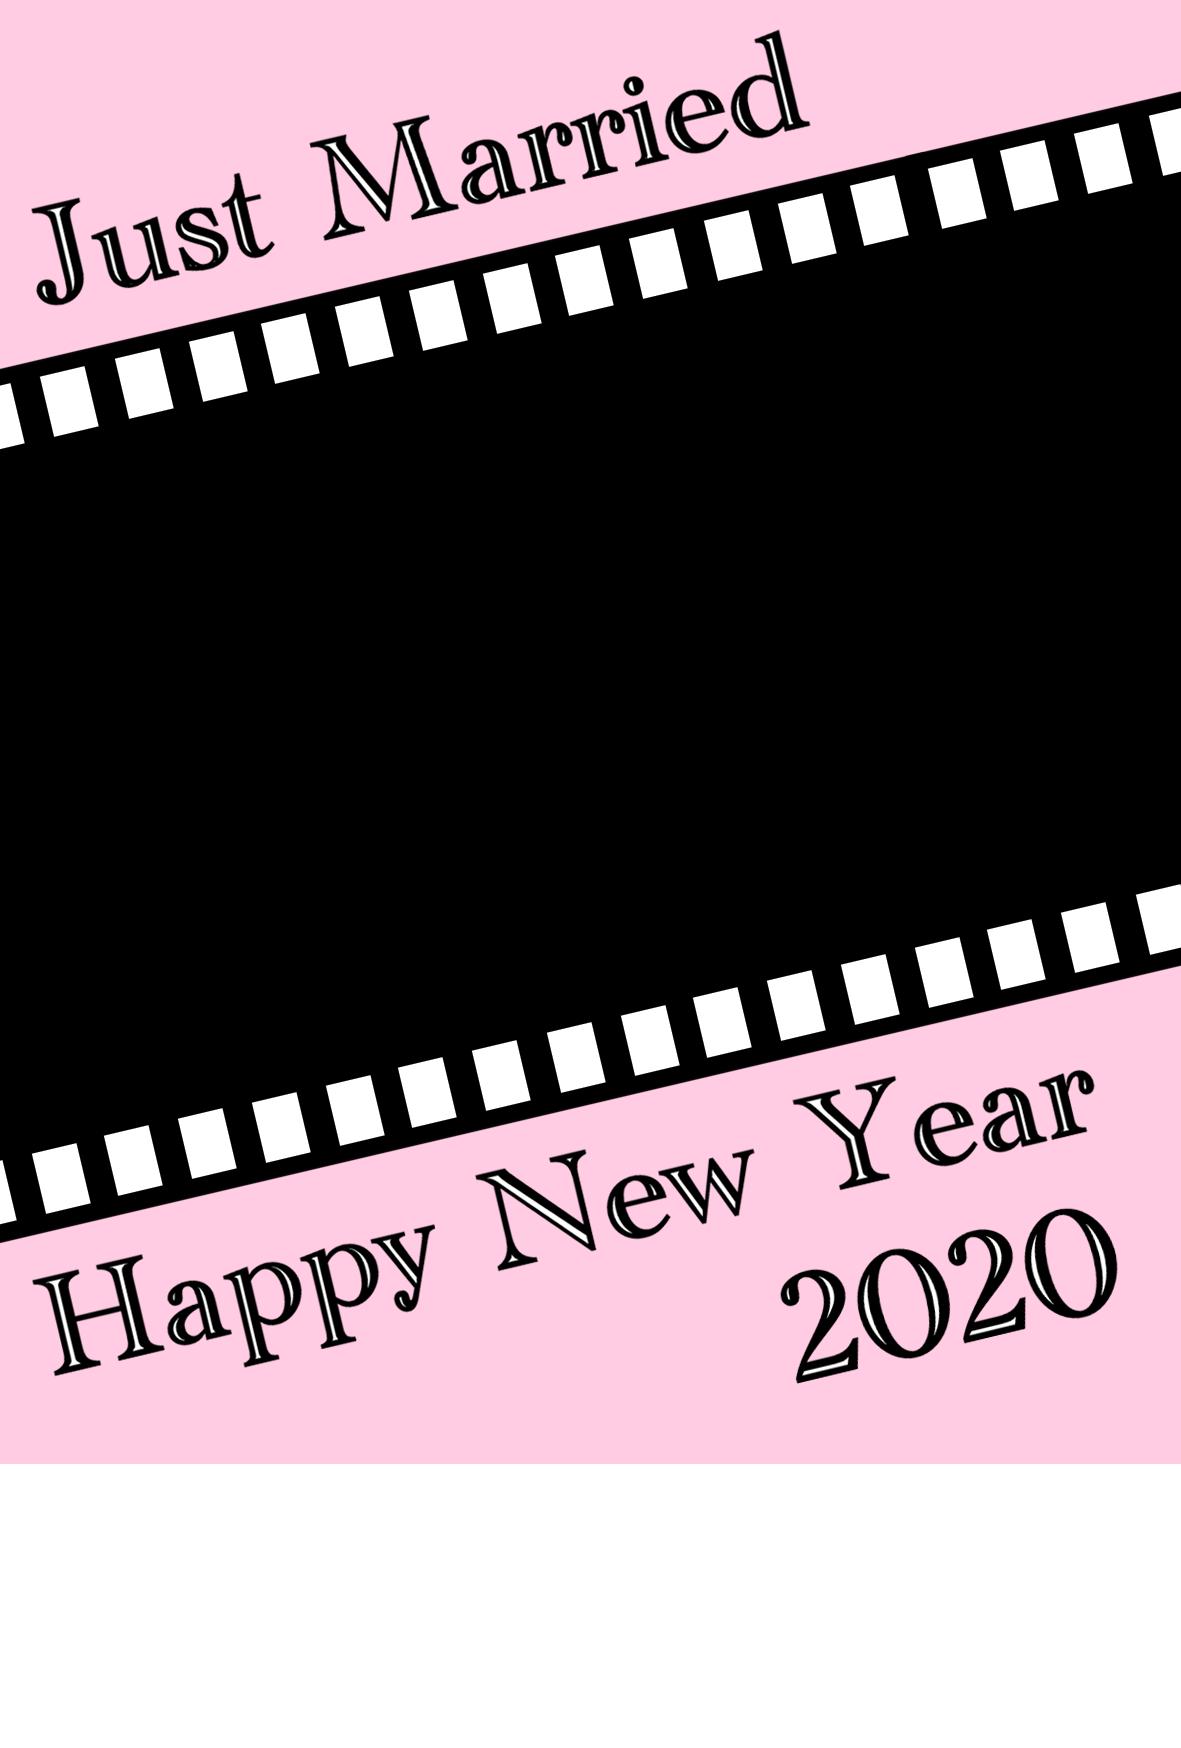 2020年 年賀状 令和2年結婚報告 フィルム型写真フレーム 縦書き